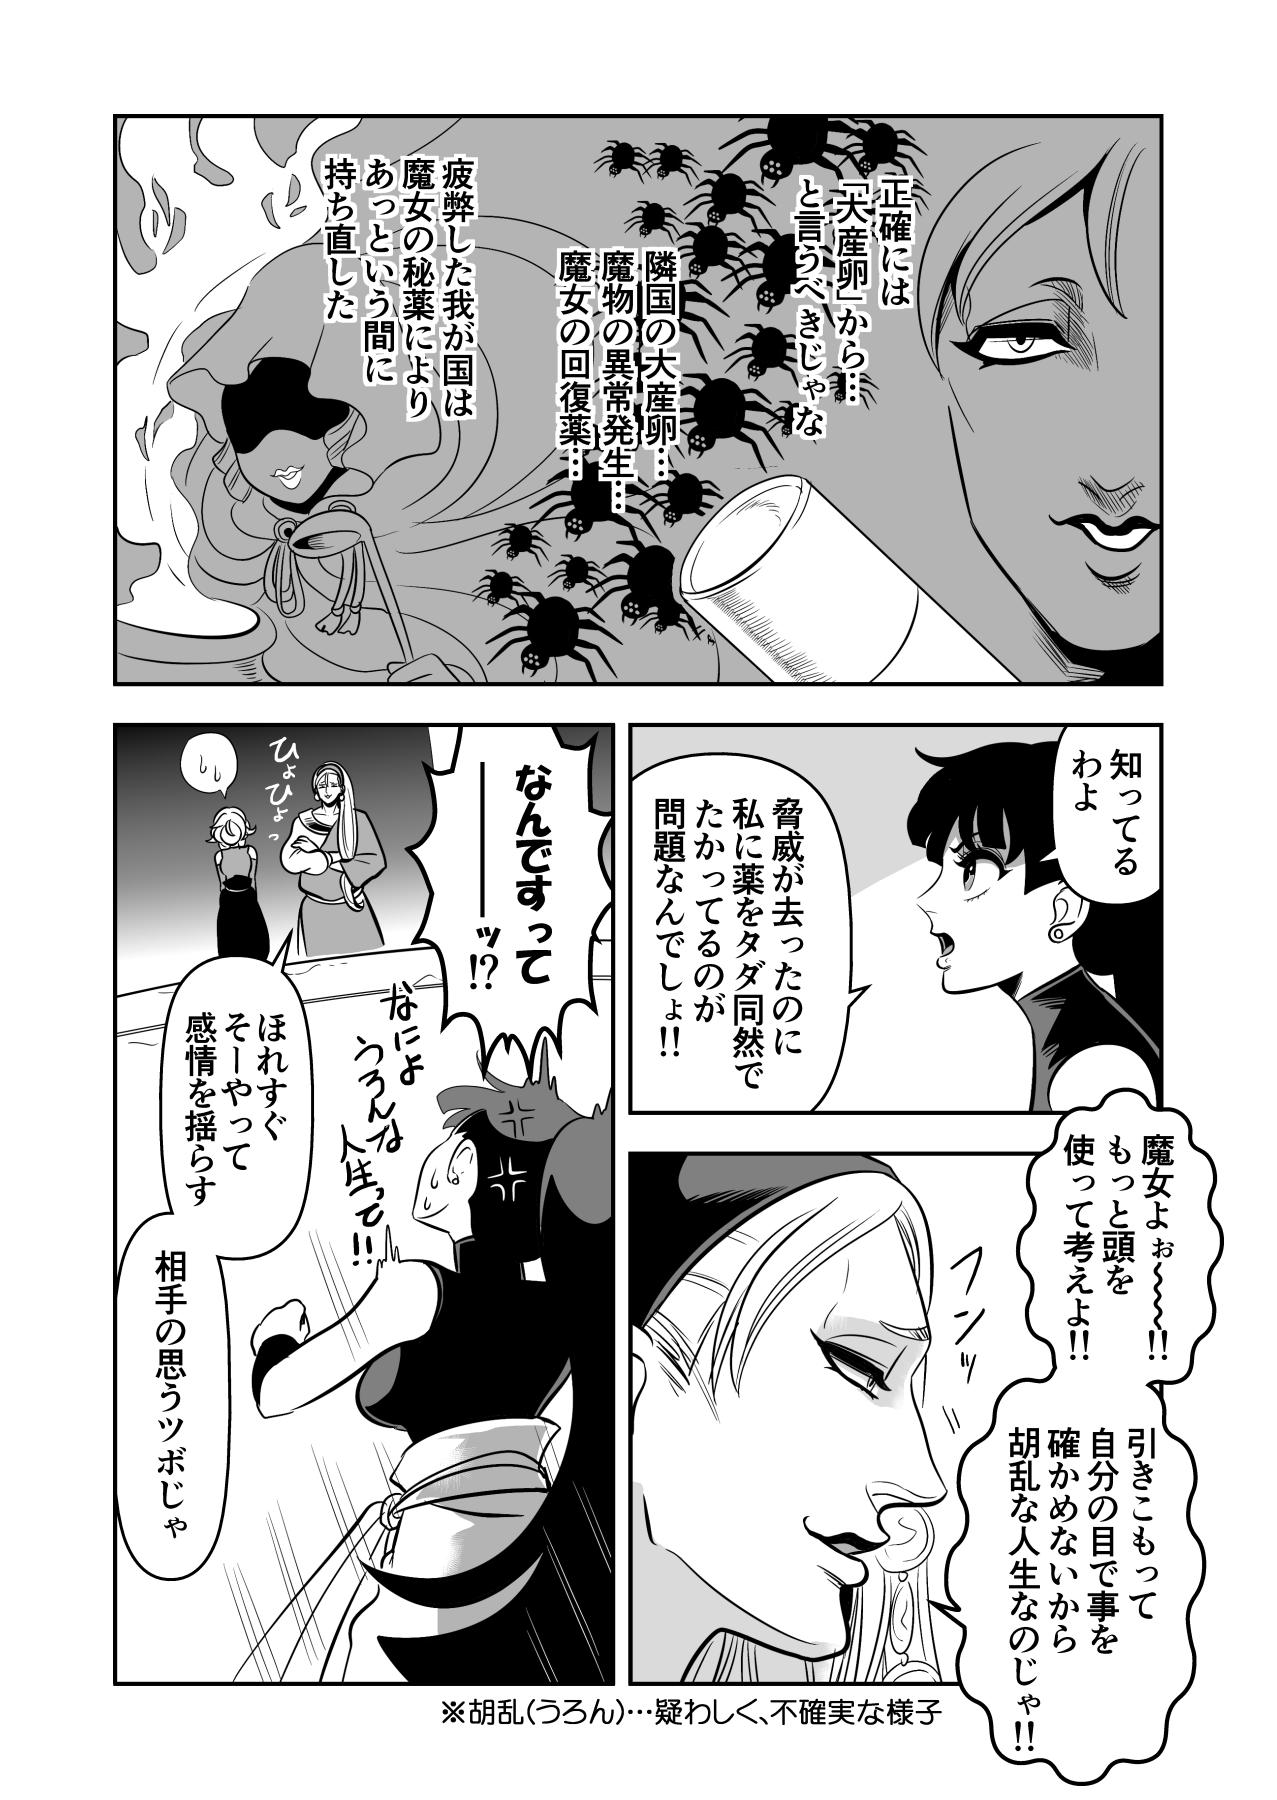 ヤサグレ魔女と第1王子と吸血鬼⑪ (3)